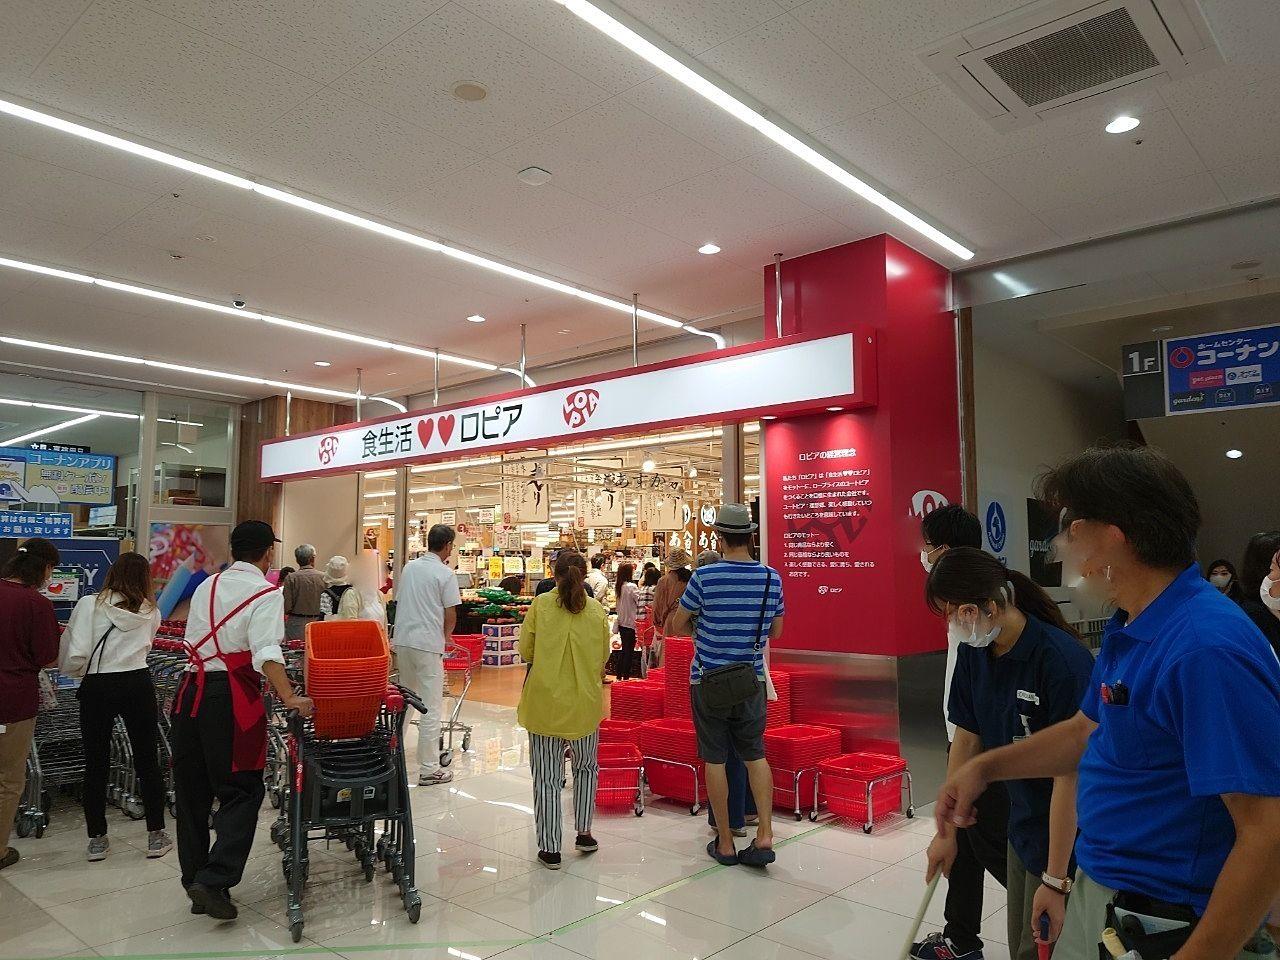 コーナン田無西原店内の食品スーパー【ロピア】がすごい